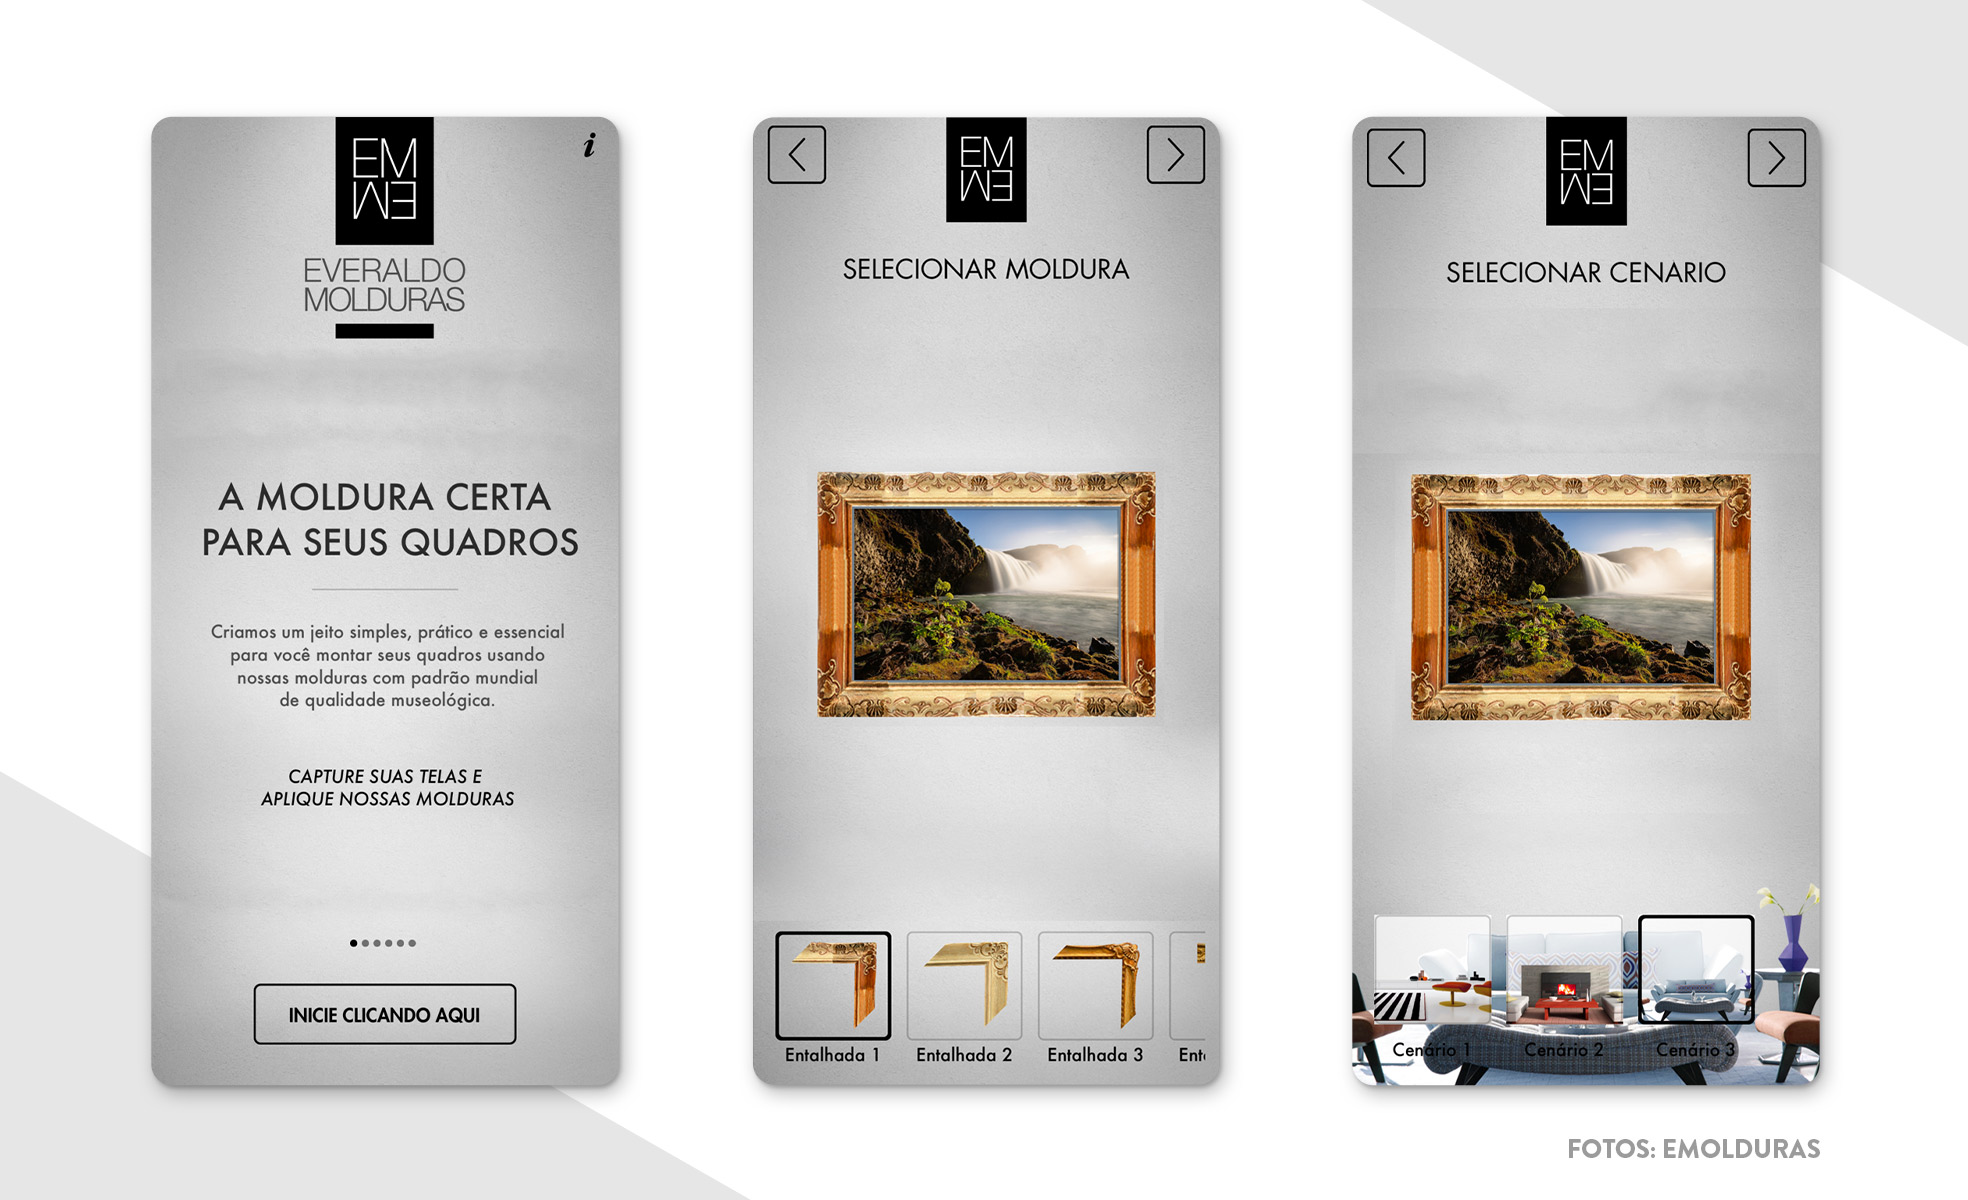 Dicas de aplicativos de decoração | Moldura de quadros e fotos | westwing.com.br